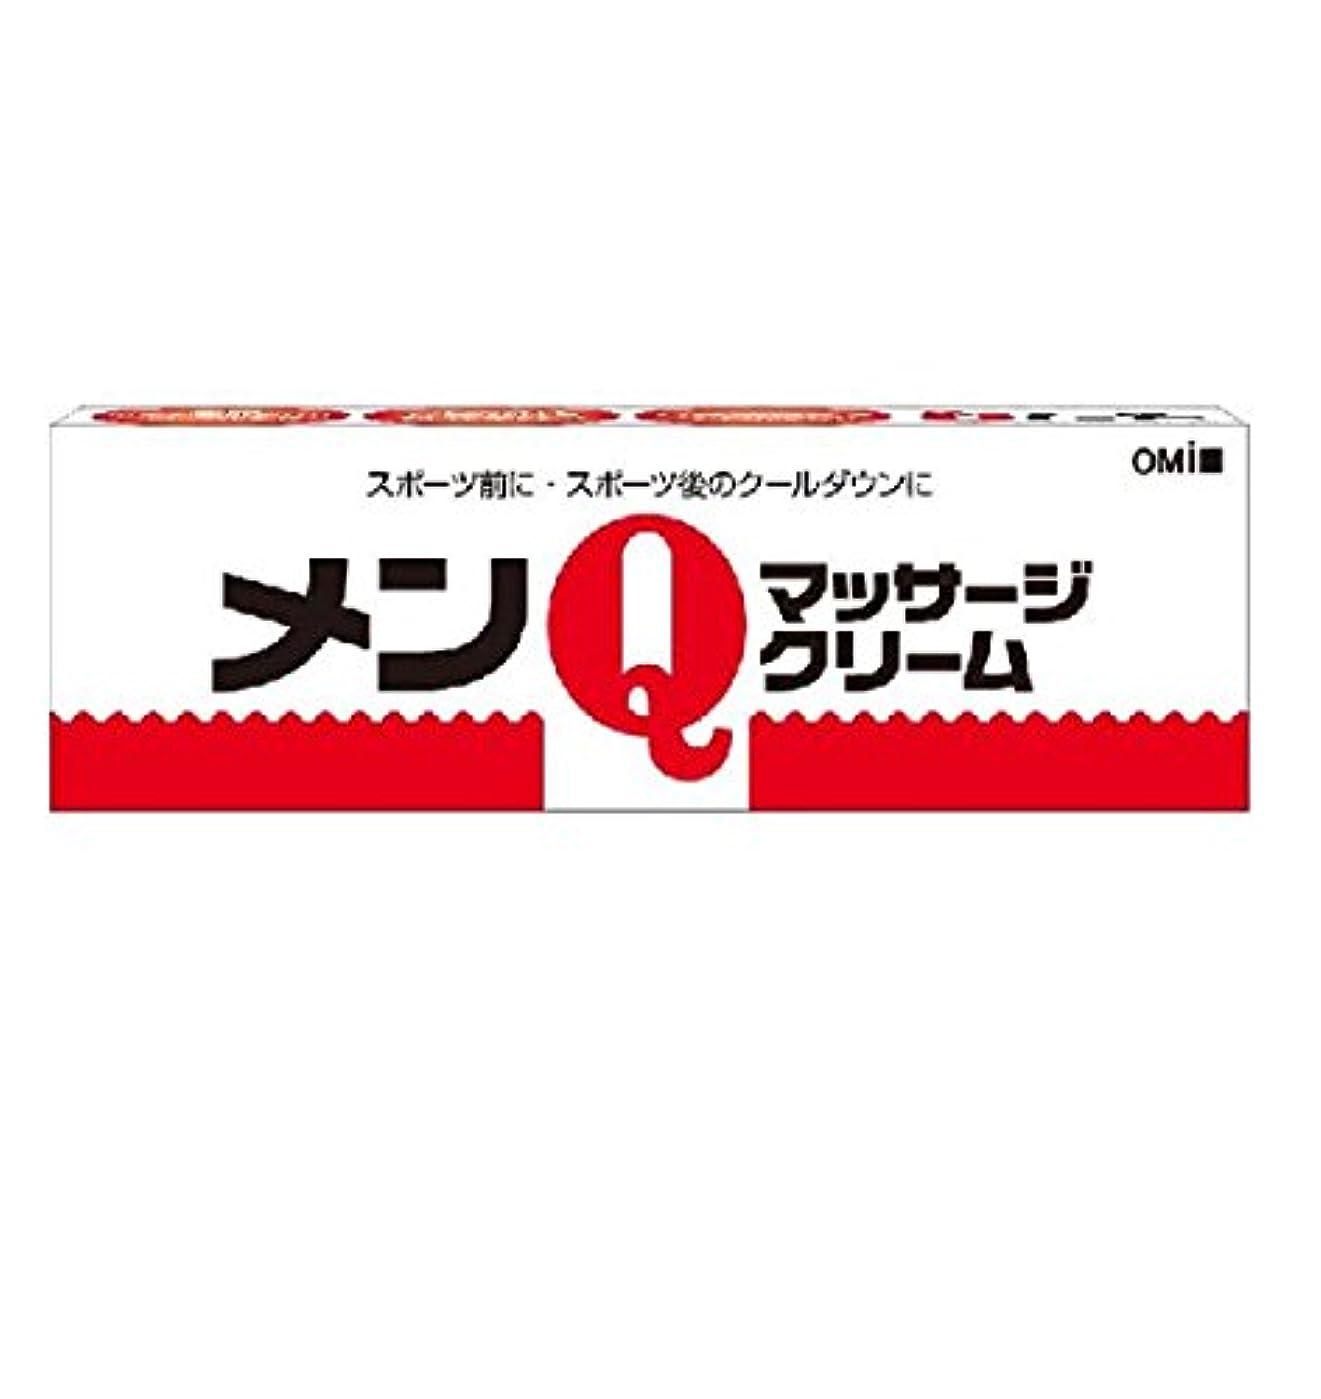 サドル急速な百科事典近江兄弟社 メンQマッサージクリーム 65g